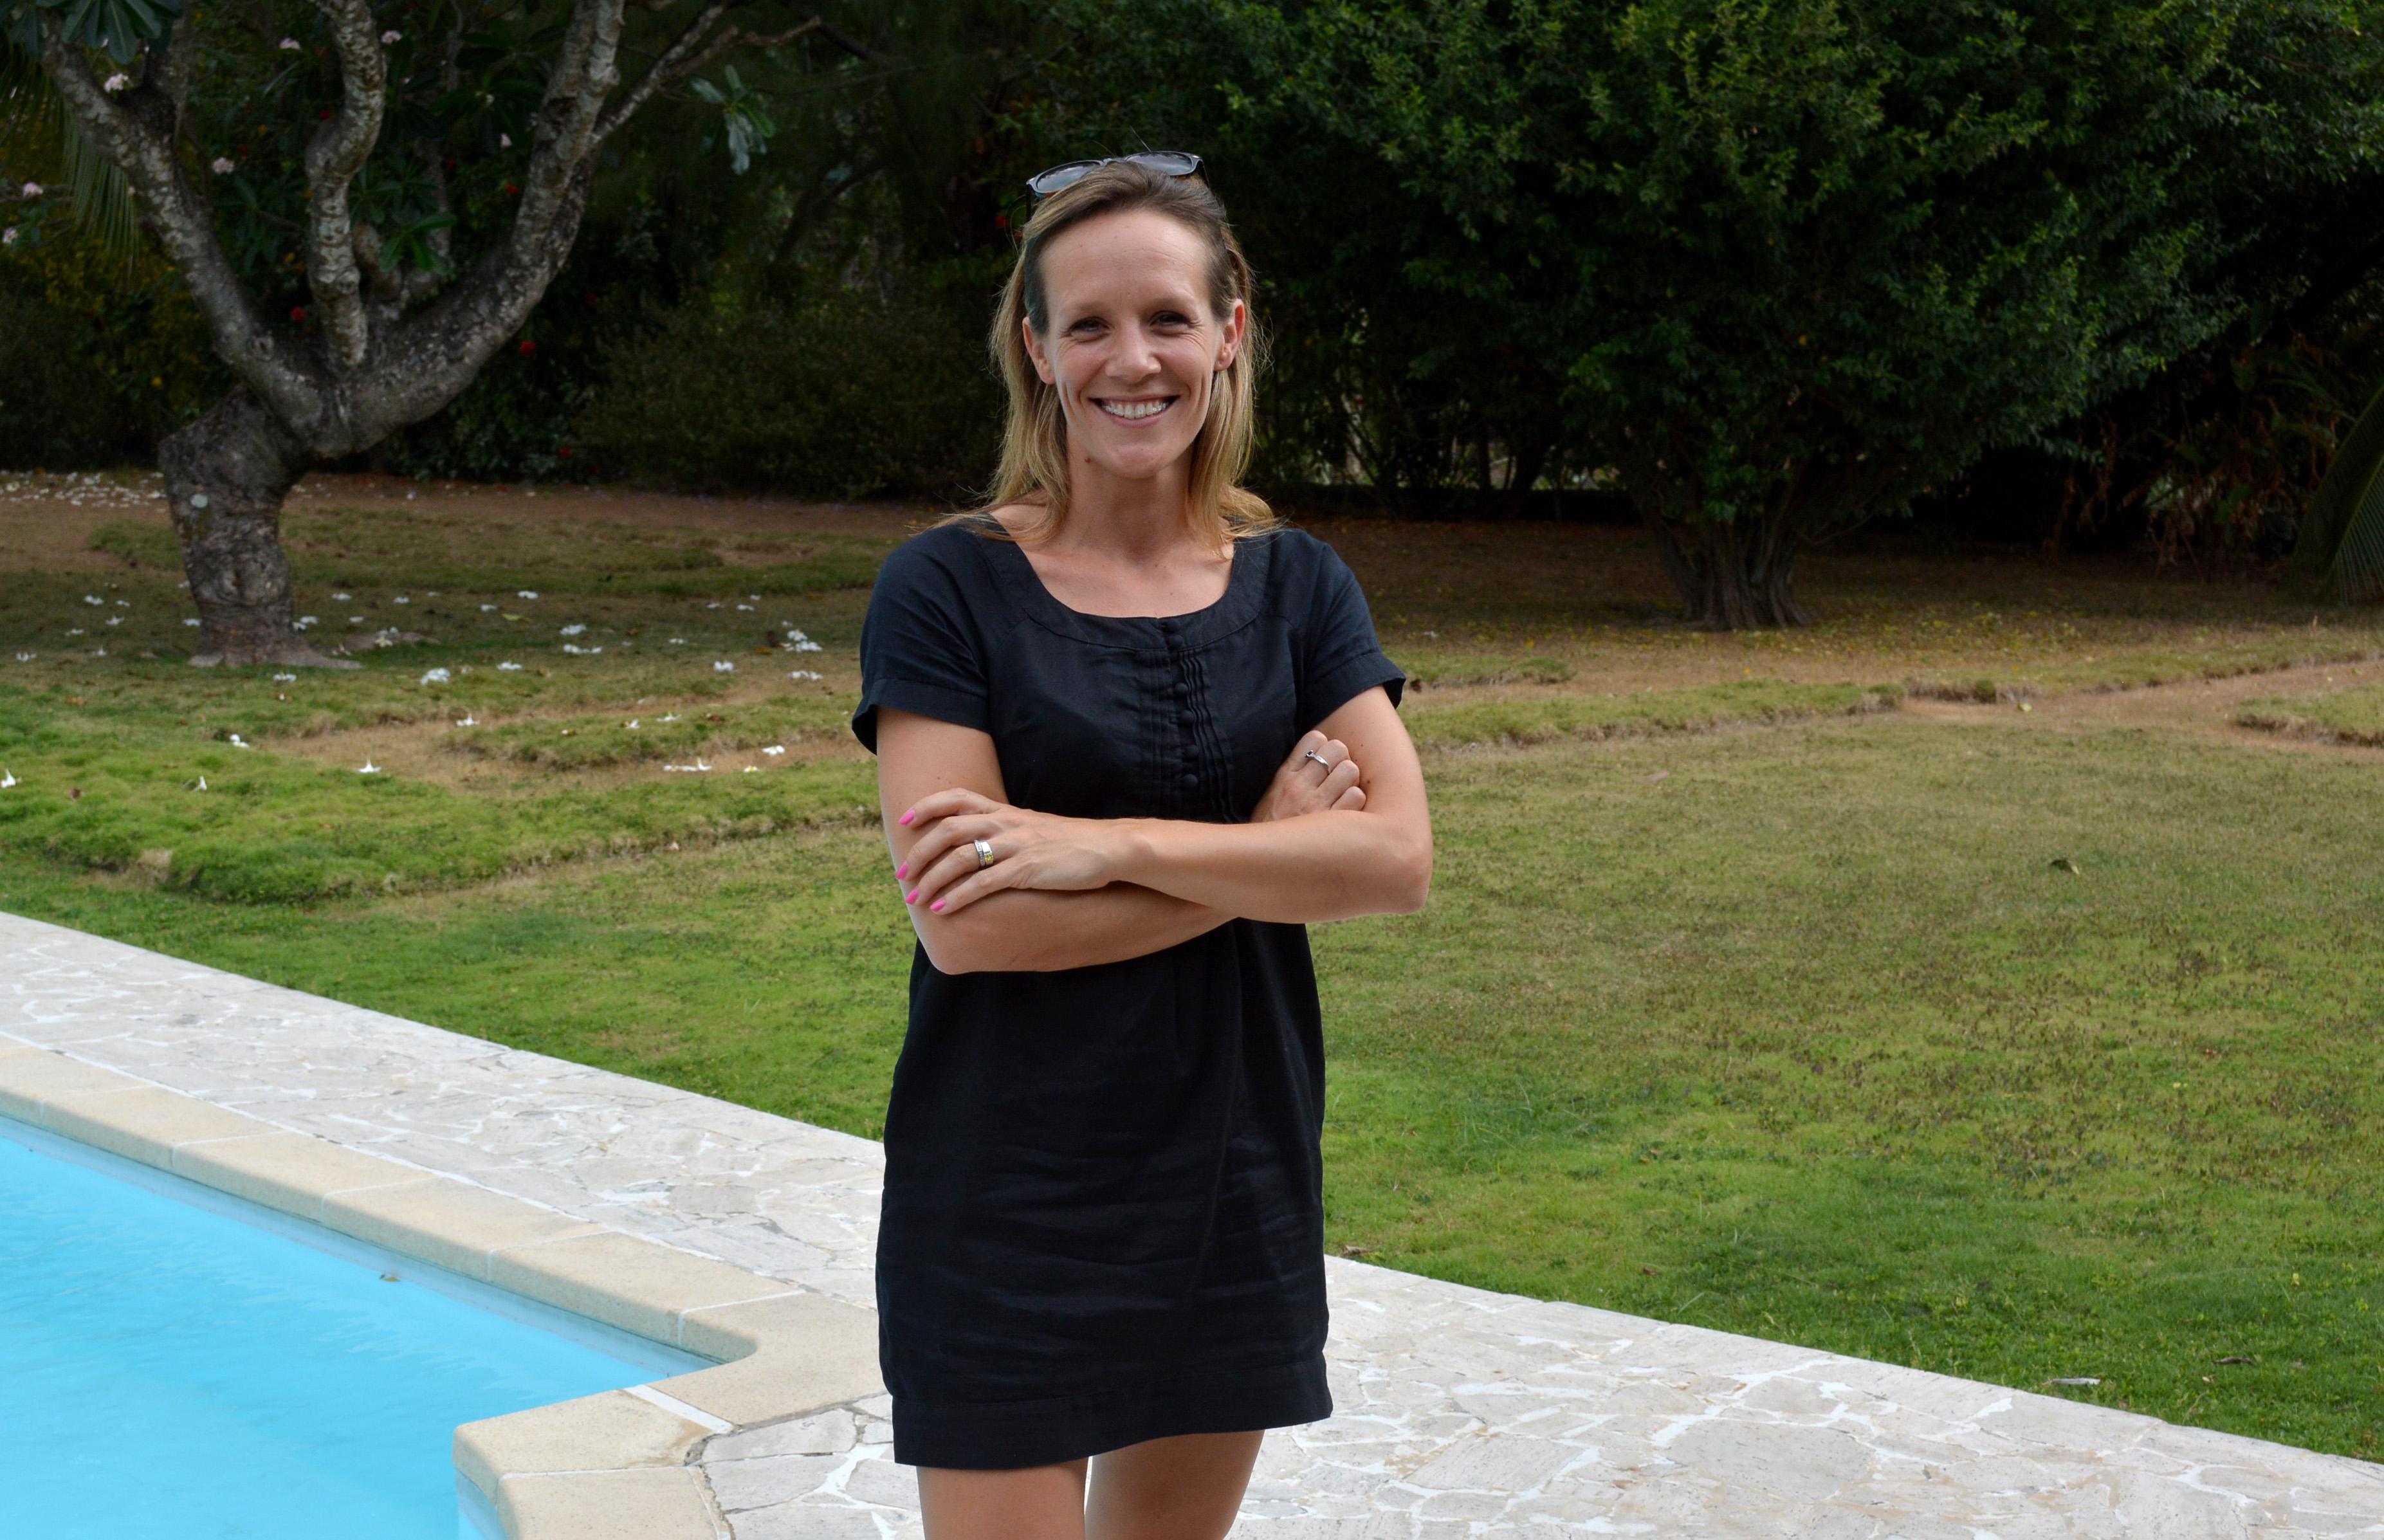 Emily Biotteau-Colas travaille dans la location saisonnière depuis 2011. Elle a lancé Tahiti Homes en 2013, qui est aujourd'hui le plus gros acteur du secteur avec 50 propriétés en gestion.